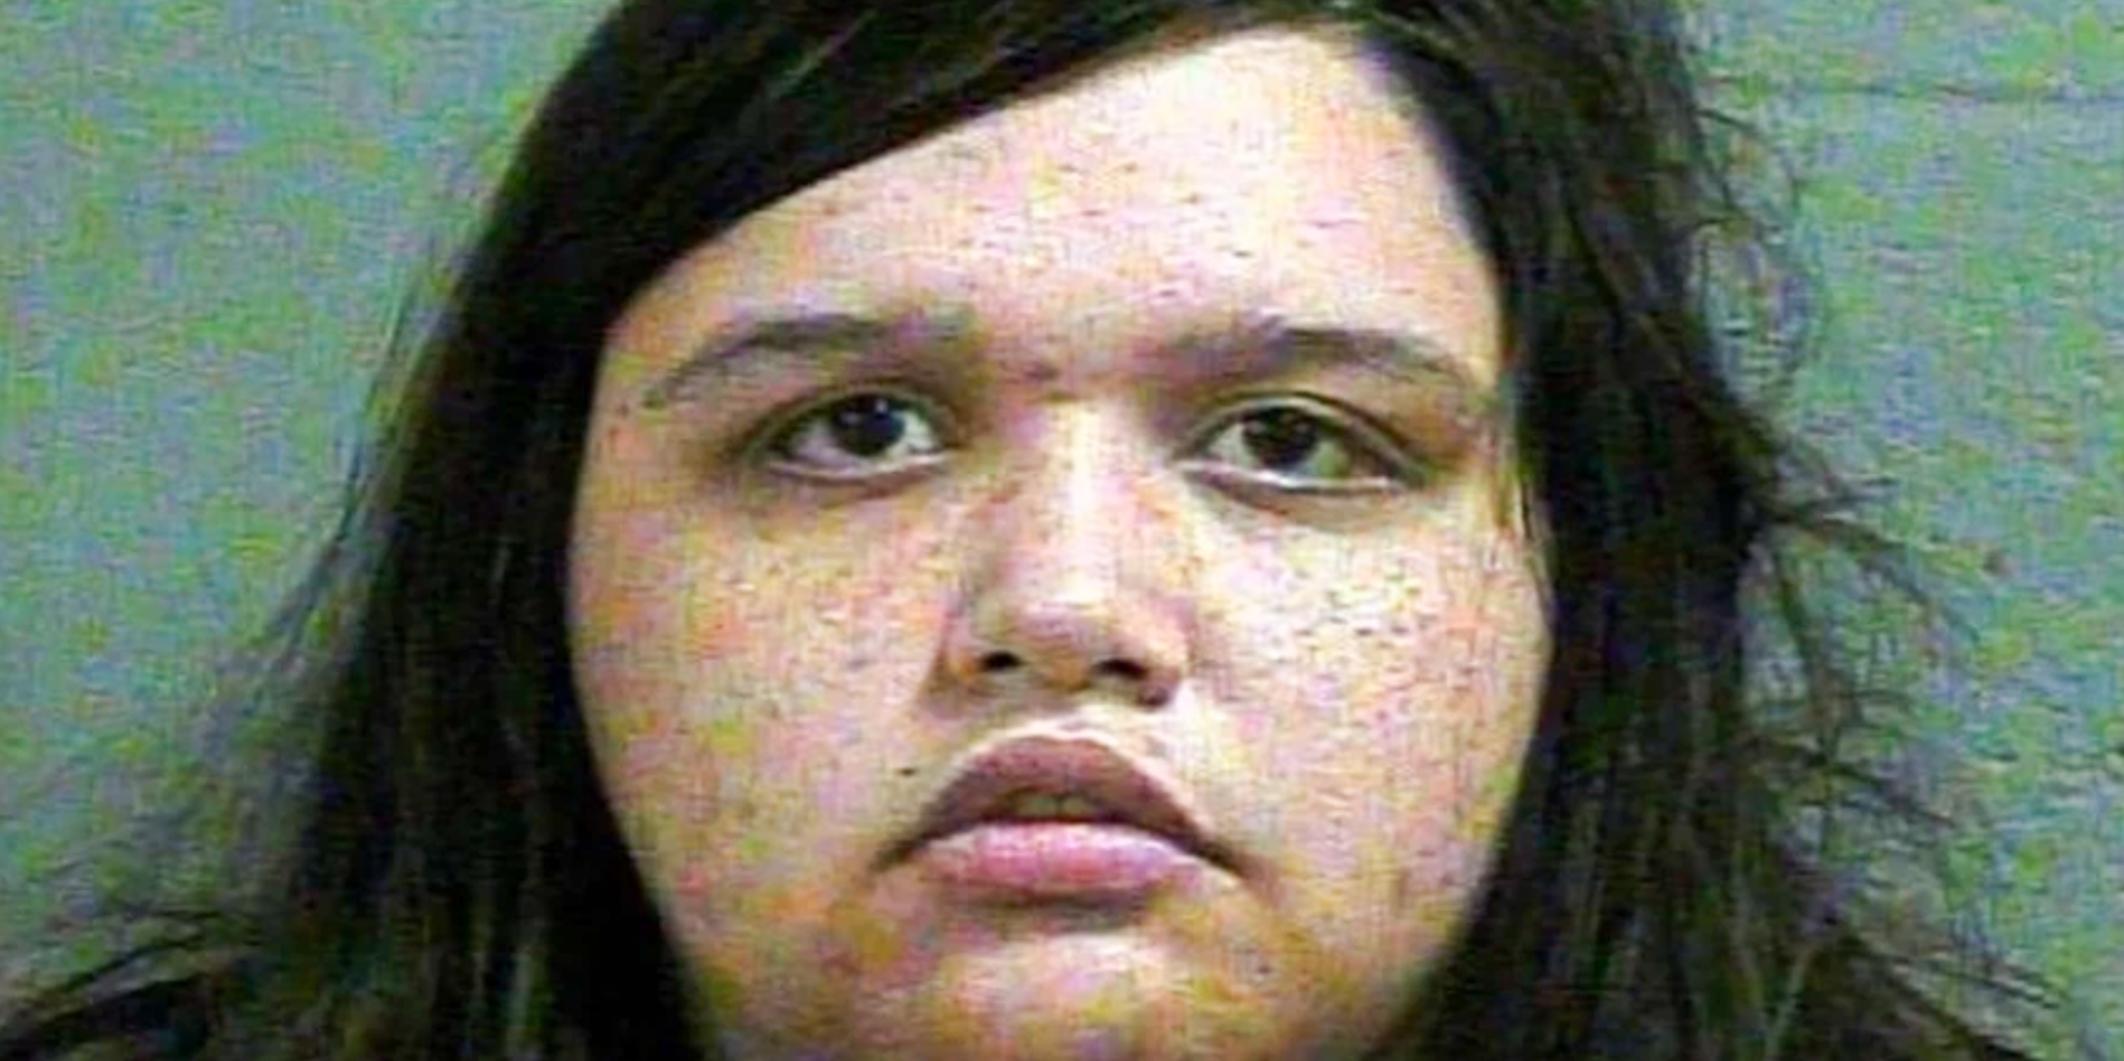 Η γυναίκα του Τέξας φέρεται να σκοτώνει συγκάτοικο, να βάζει φωτιά στο σπίτι του για τον αρραβωνιαστικό